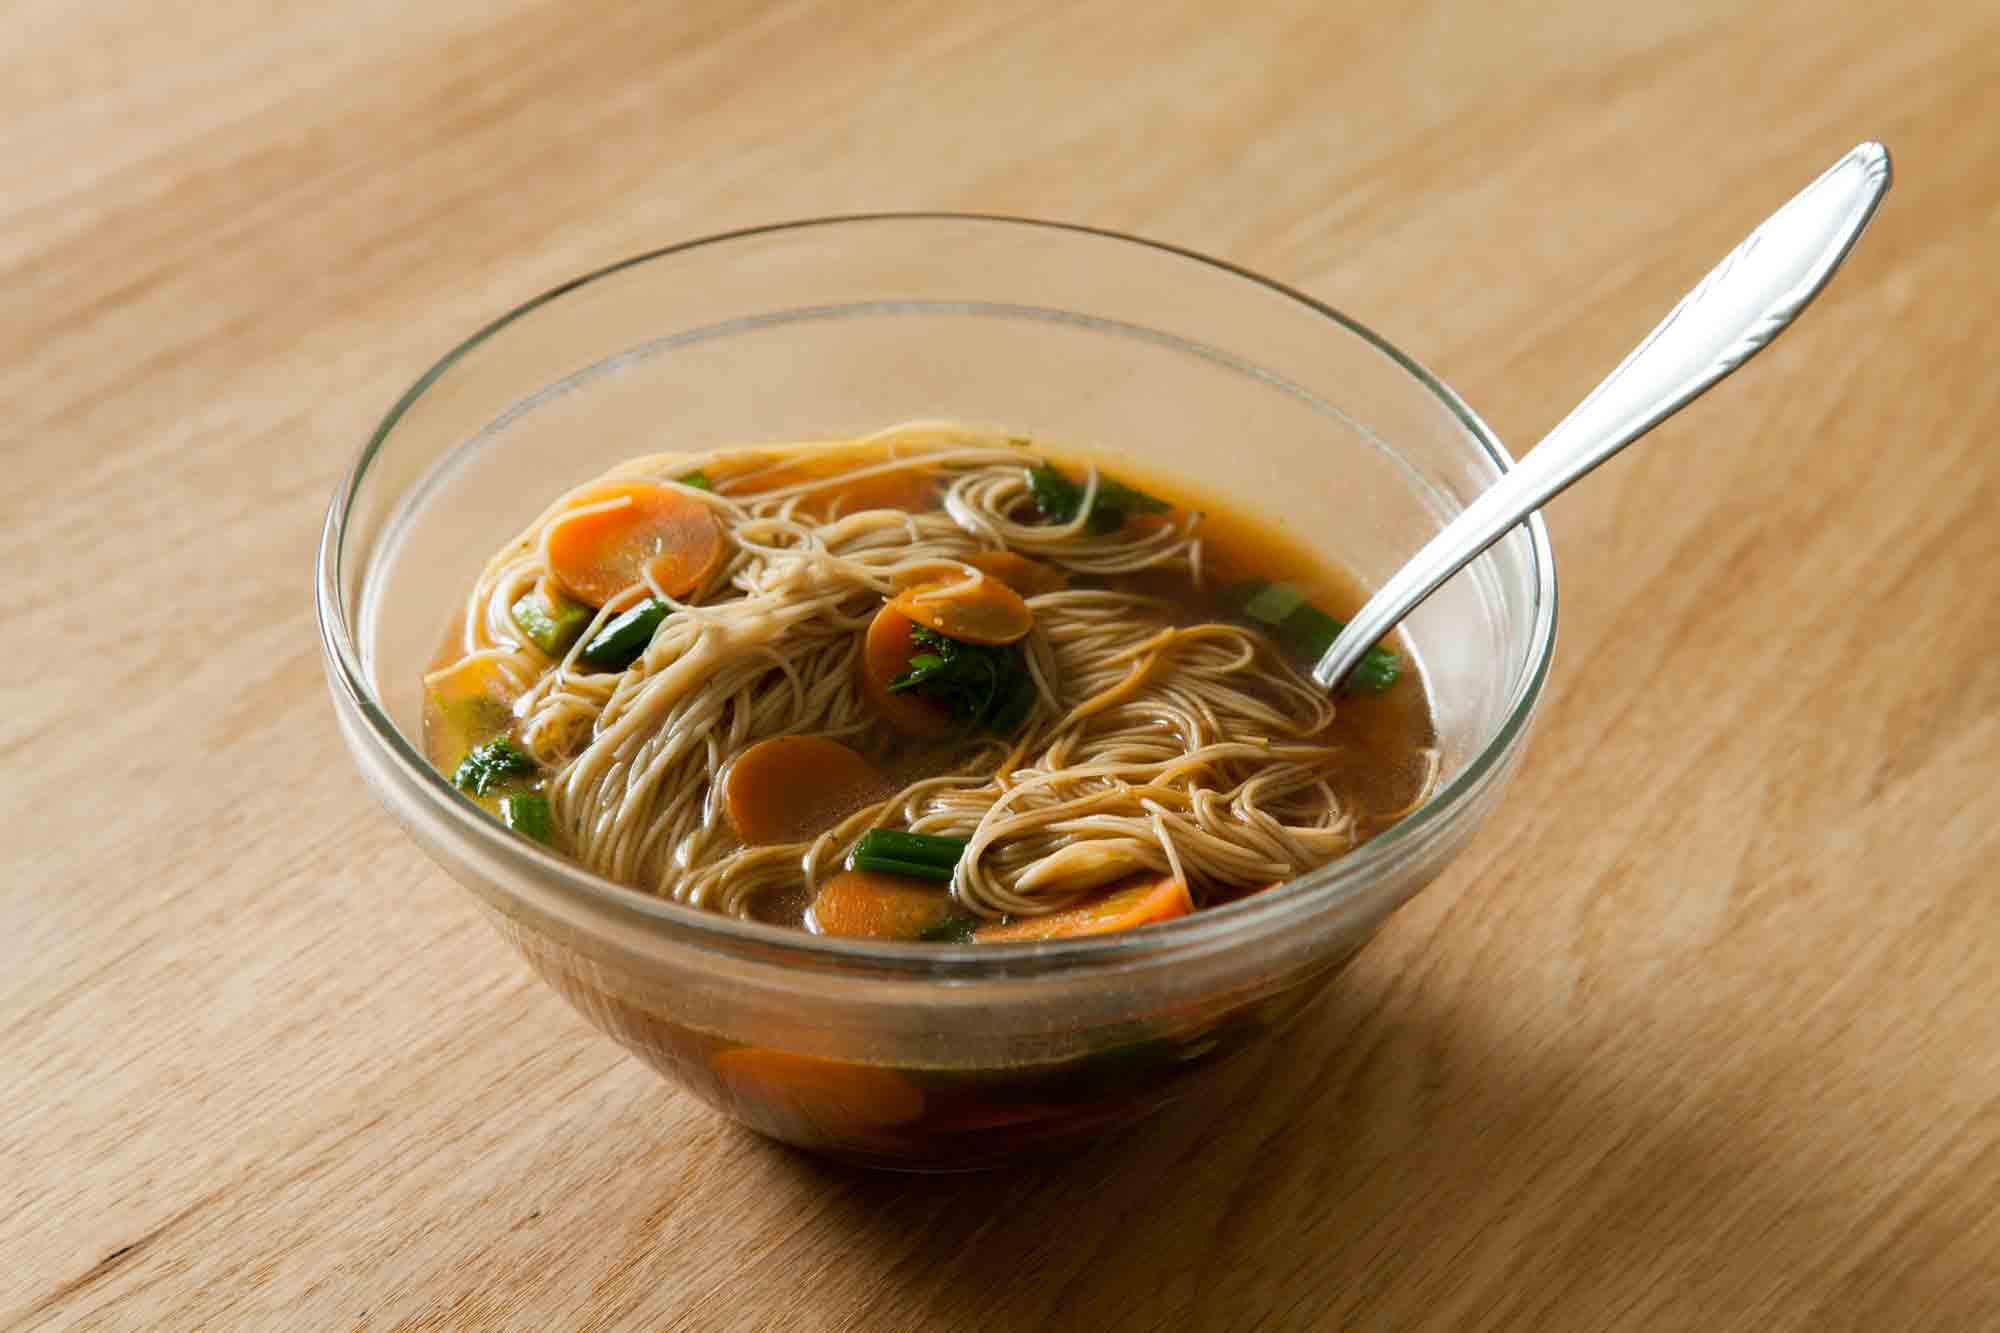 Bistra zelenjavna juha s sojino omako, mlado čebulo, korenjem in polnozrnatimi rezanci